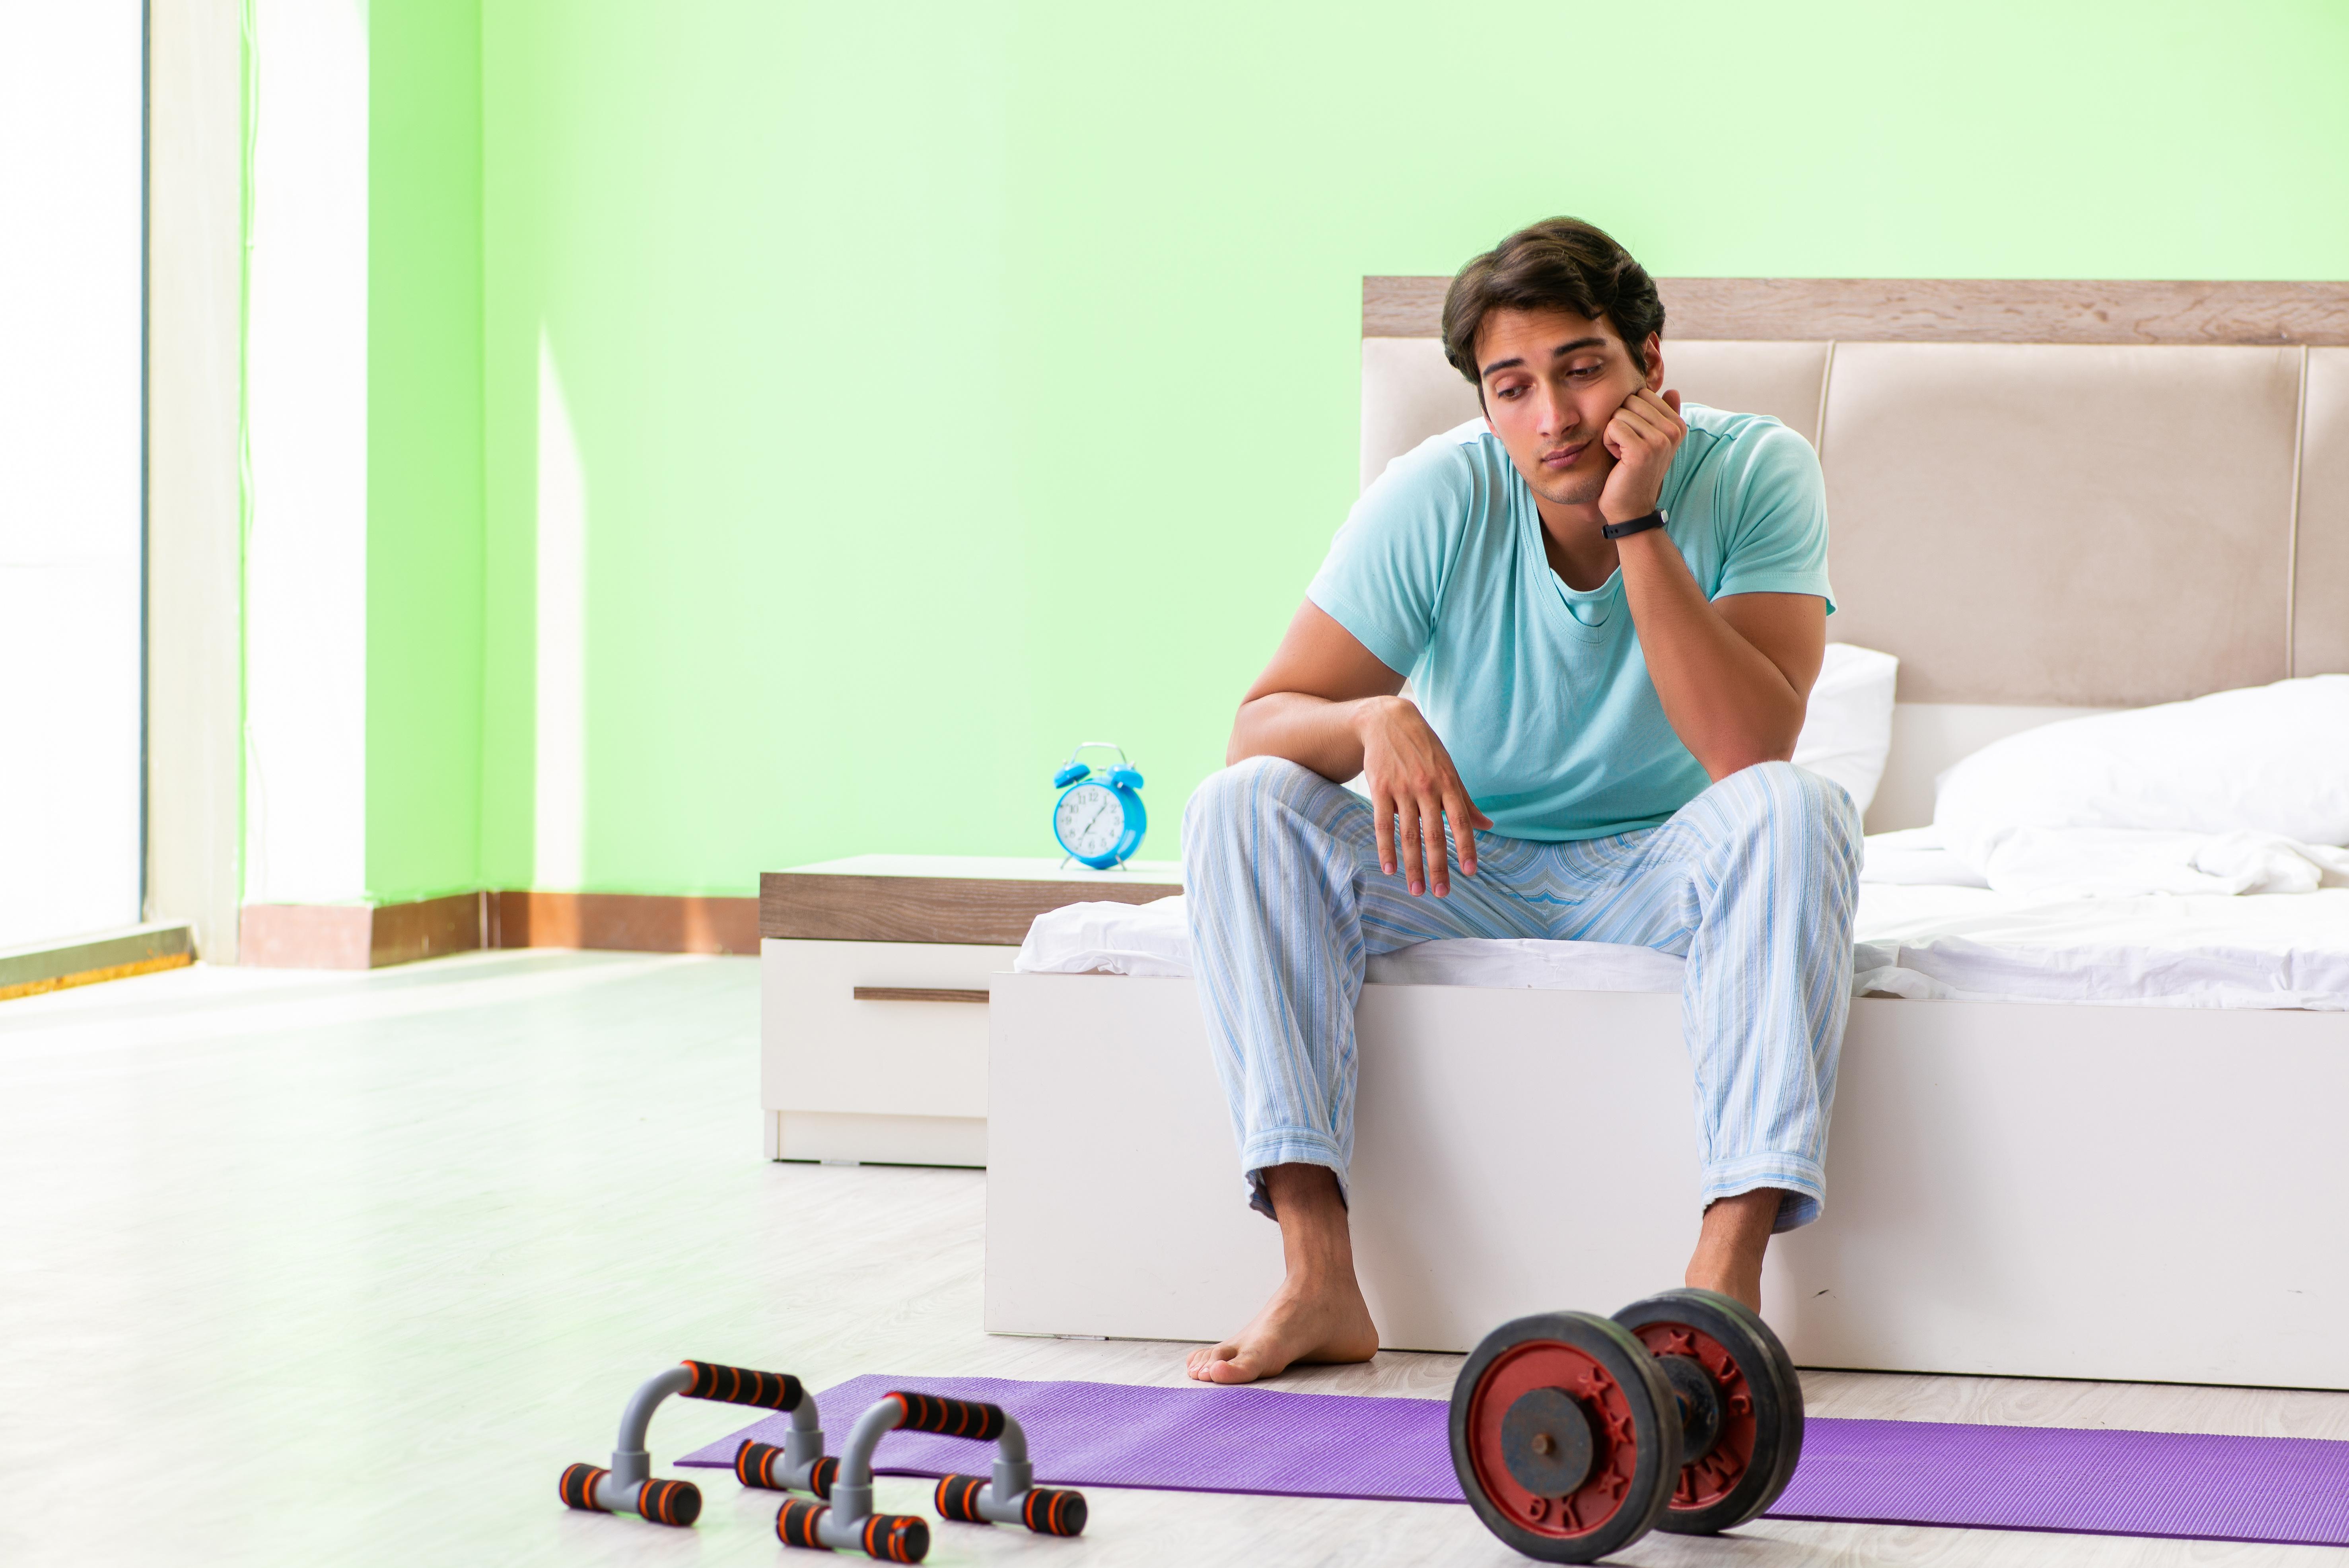 Une pratique un peu plus intense de l'exercice  peut « rapporter » une réduction allant de 25% à 32% de la mortalité toutes causes confondues, chez les personnes atteintes de diabète de type 2 (Visuel Fotolia)